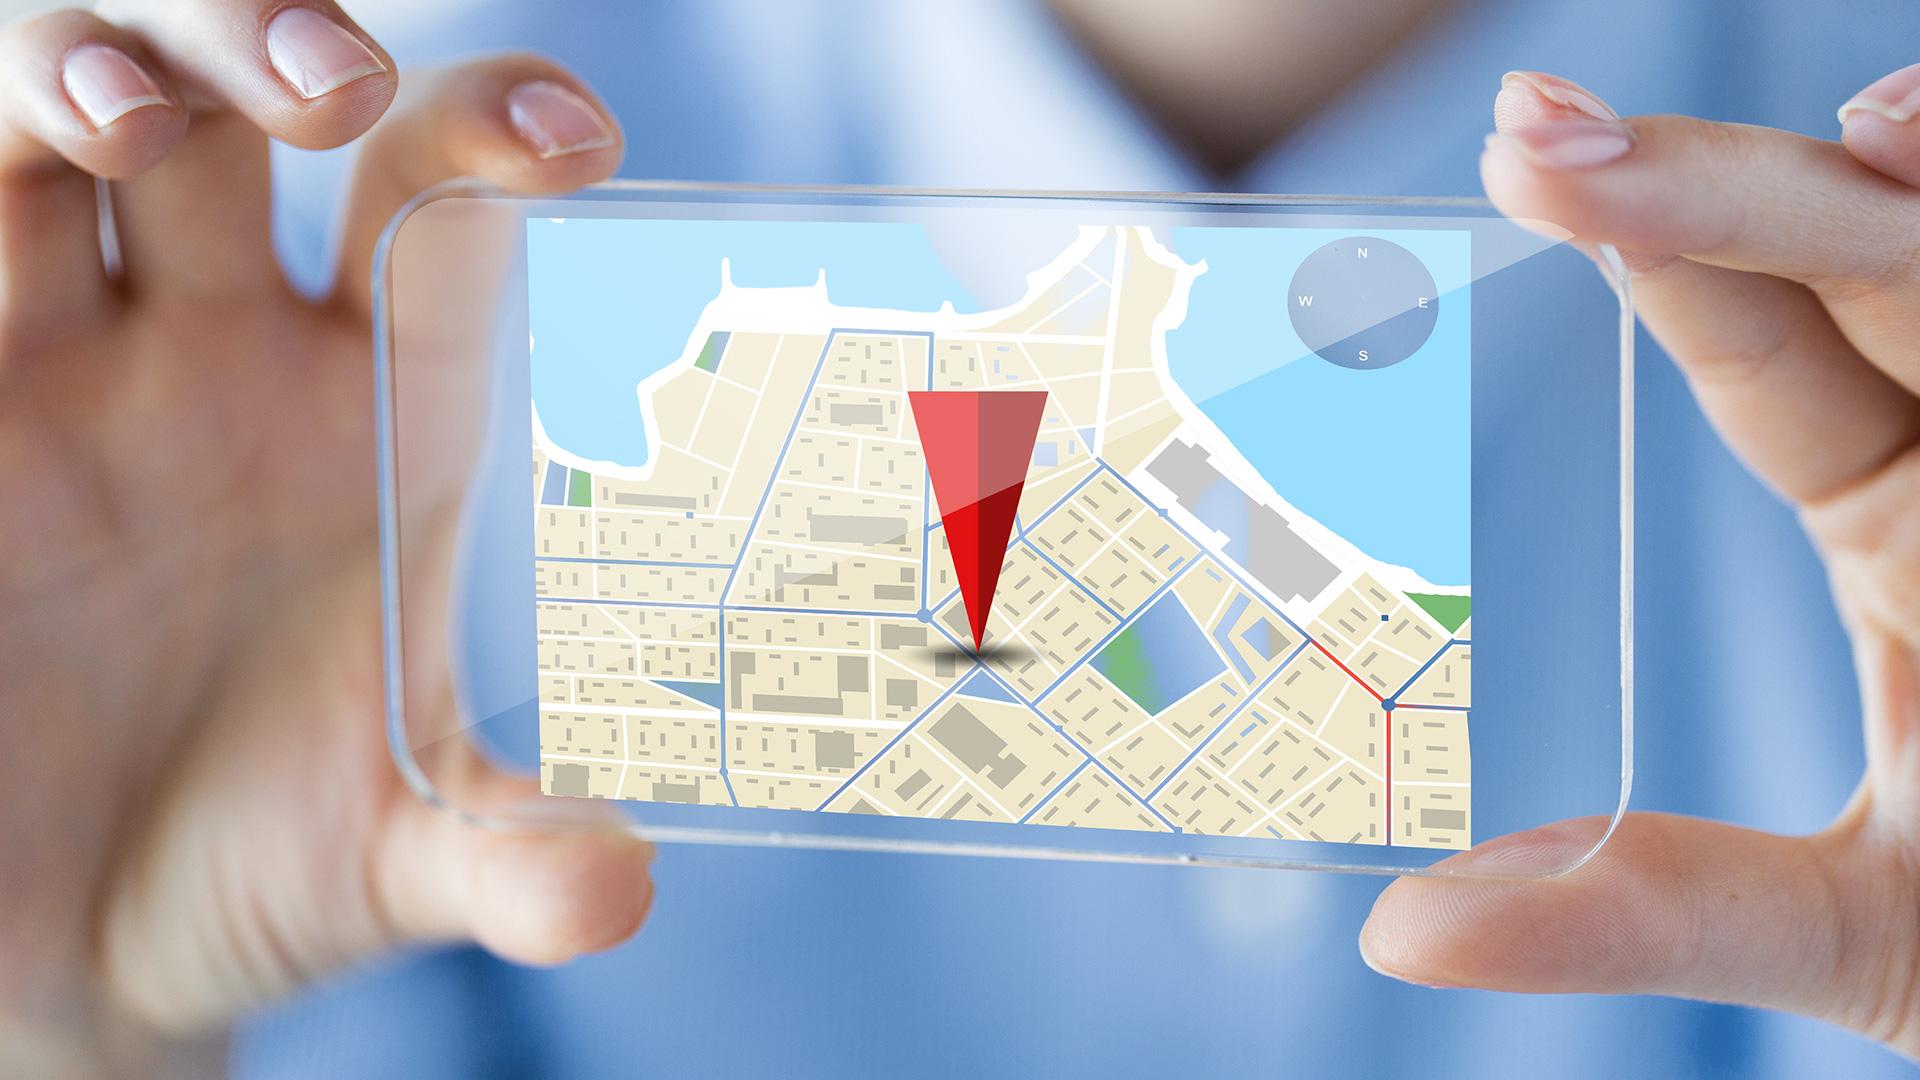 mapas-de-ubicación-de-smartphone-móvil-ss-1920